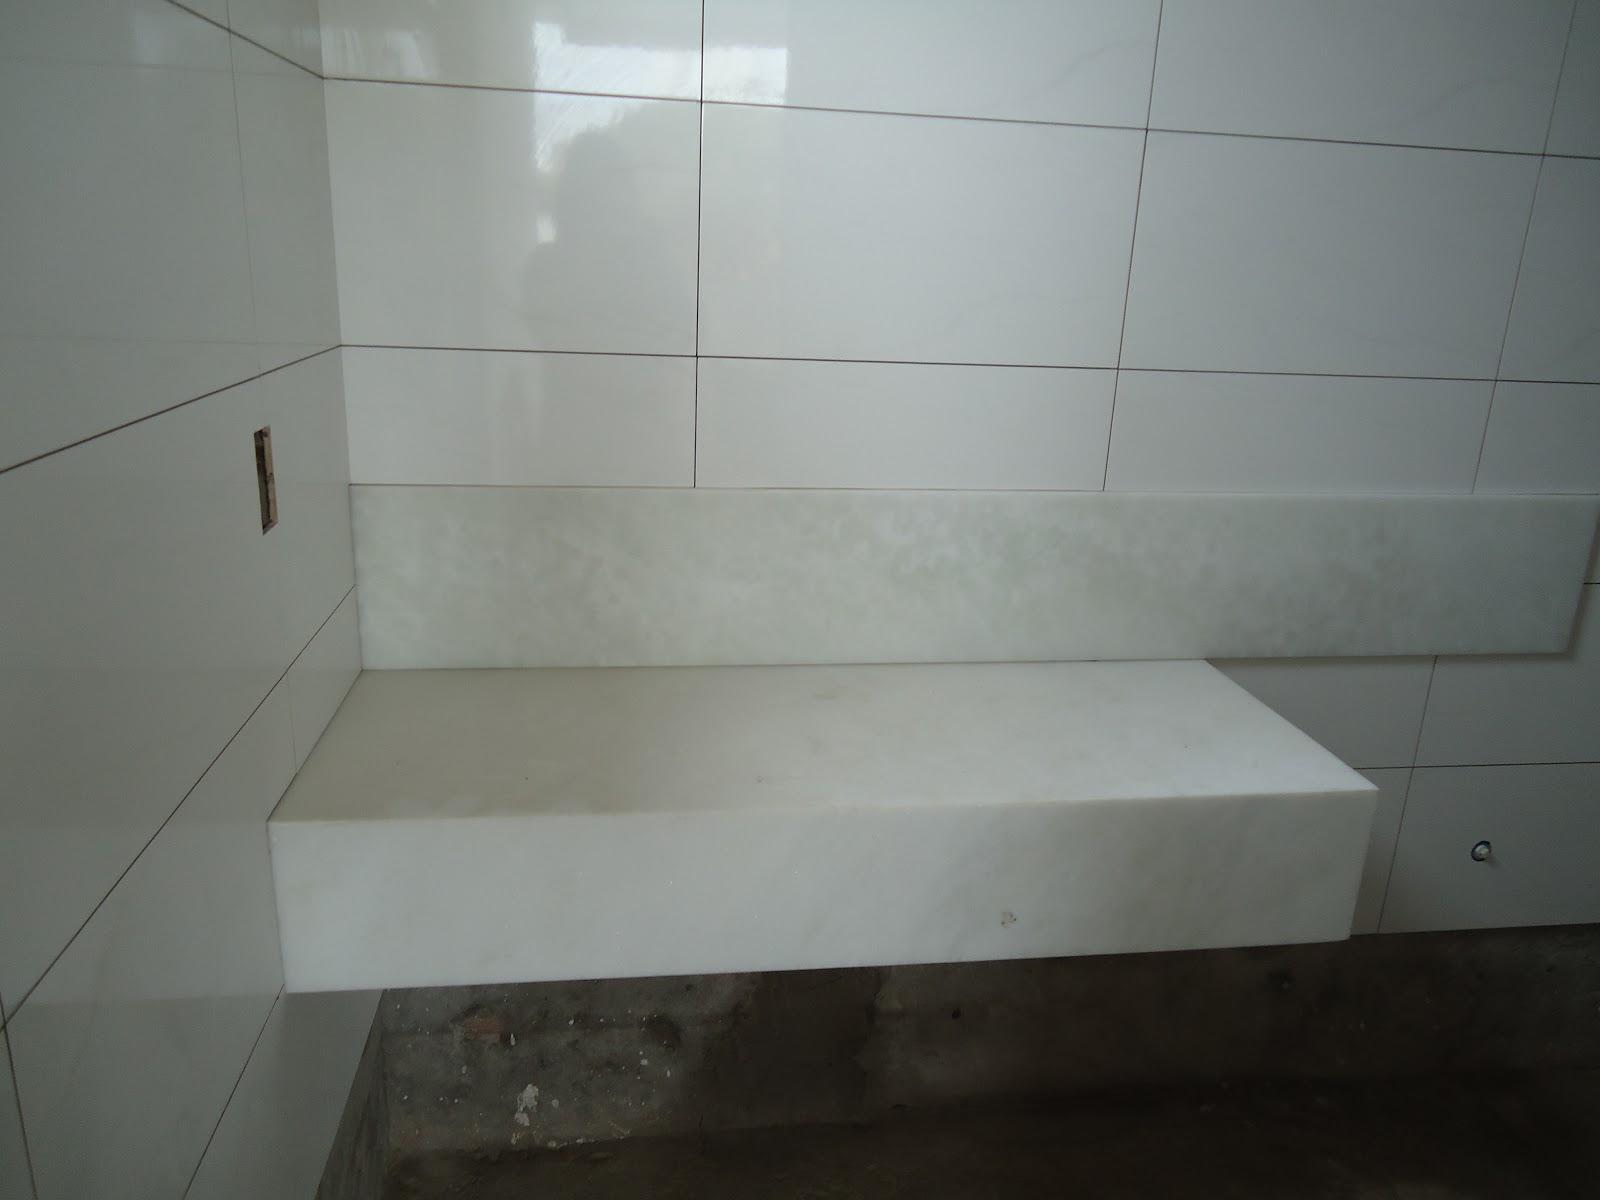 Como se começa uma FAMÍLIA: Julho 2012 #272621 1600x1200 Bancada Banheiro Saia